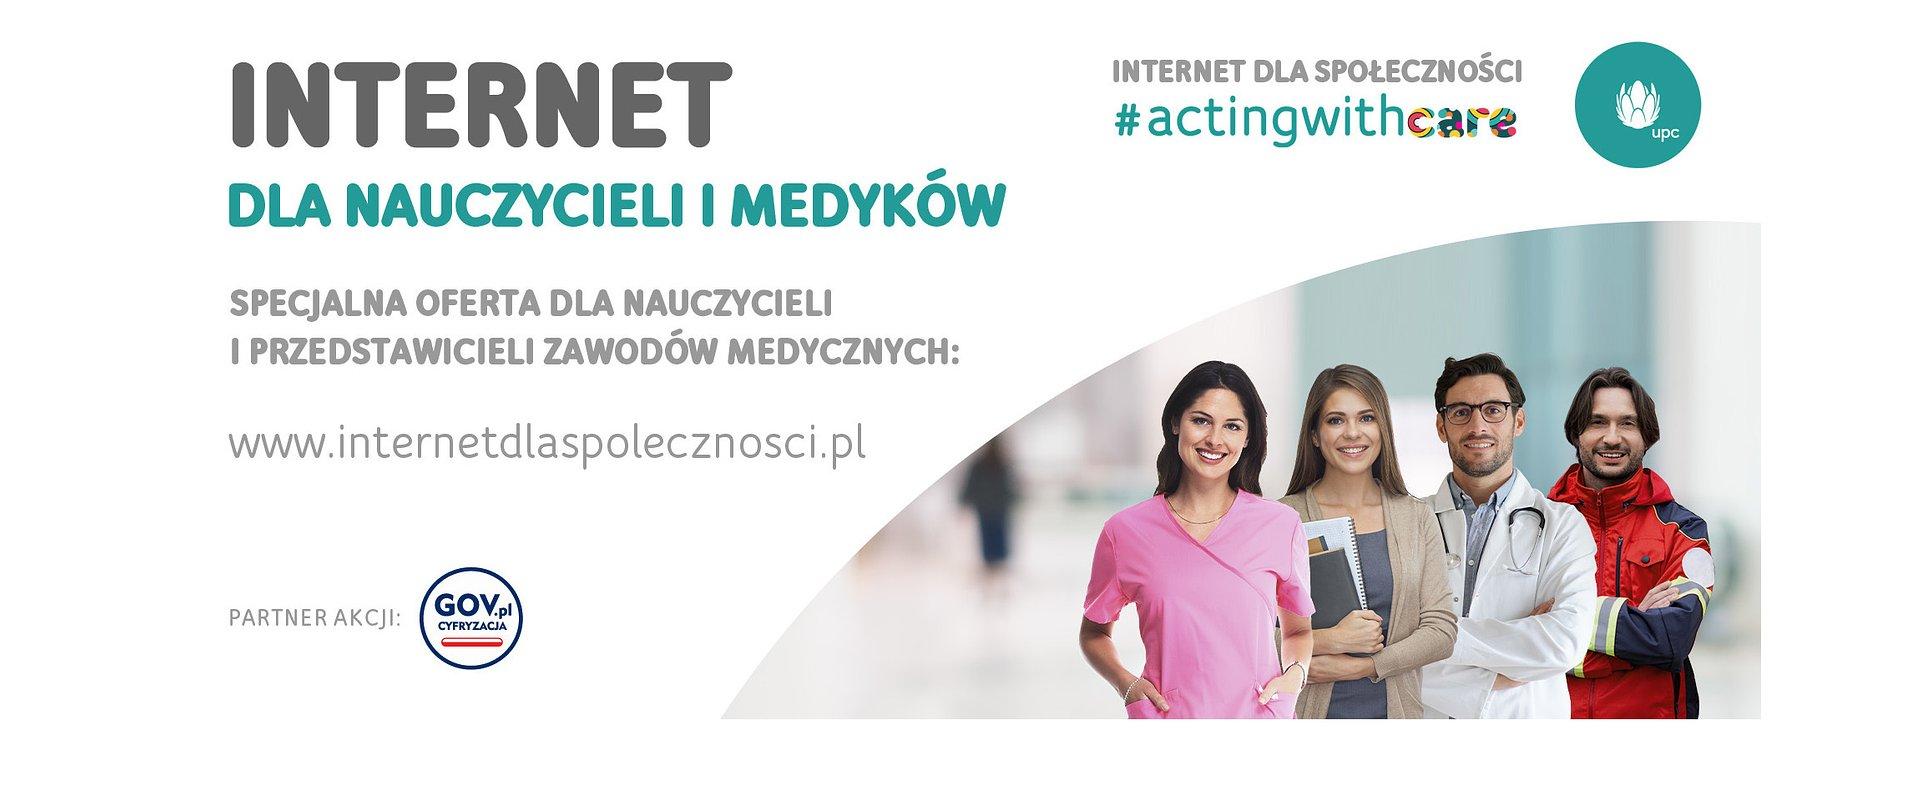 UPC Polska wspiera darmowym internetem nauczycieli i medyków w czasie pandemii